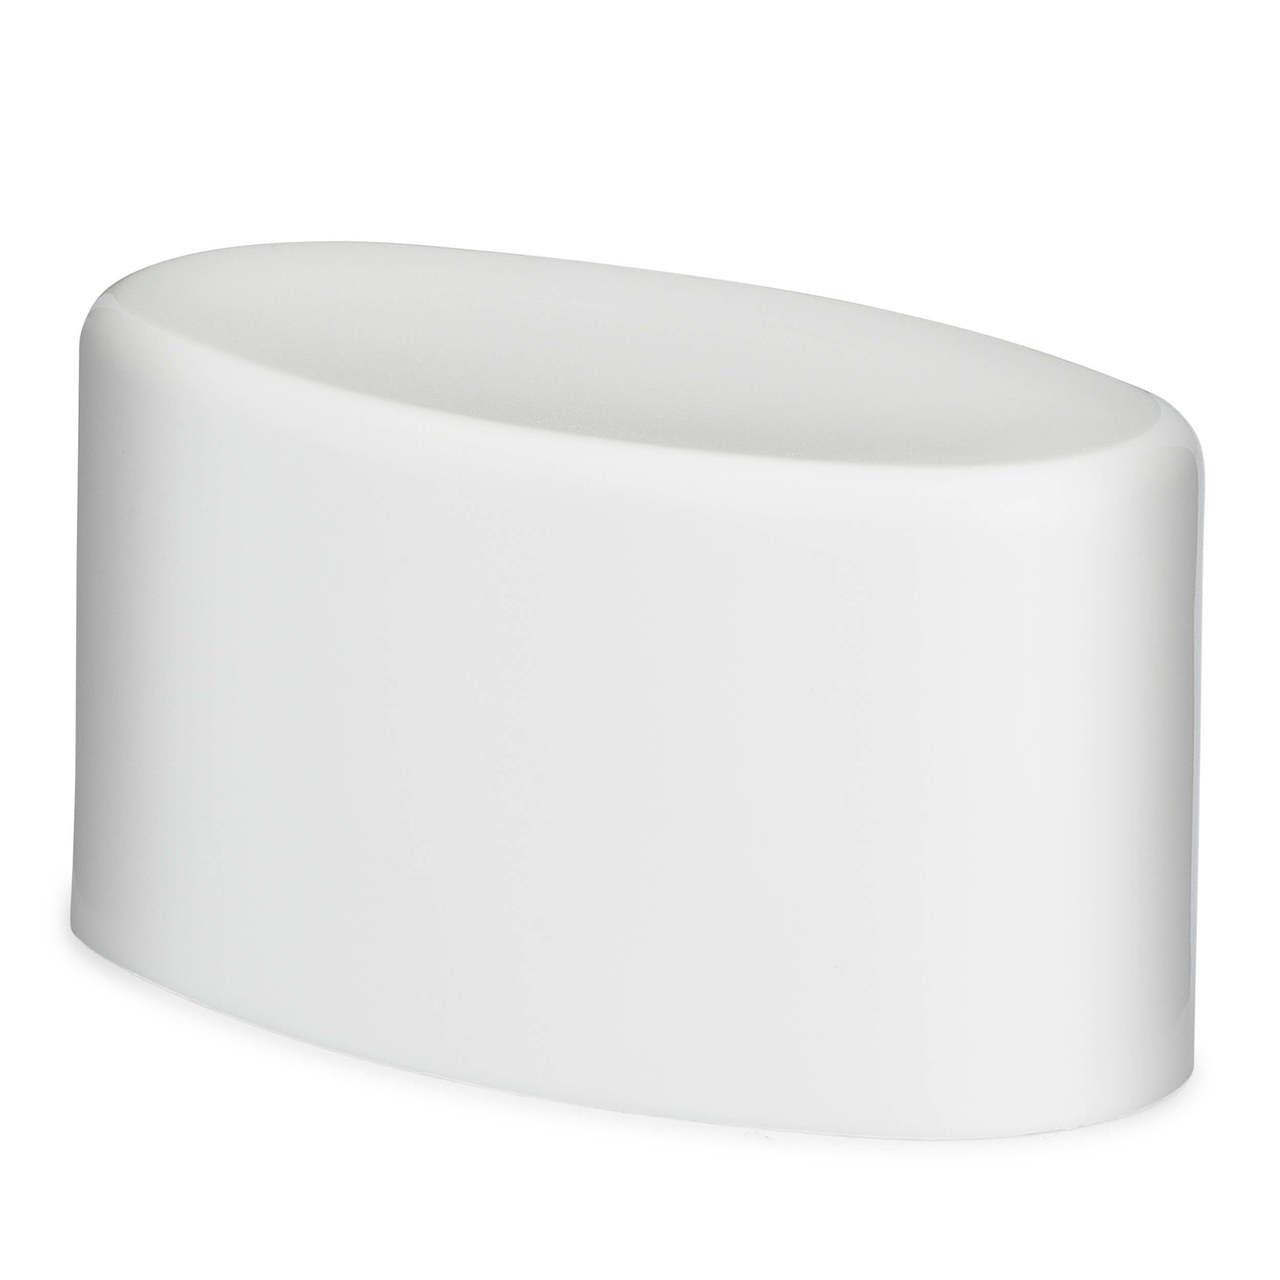 White PP Plastic Flat Top Cap for Deodorant Sticks - 1124C01WHT